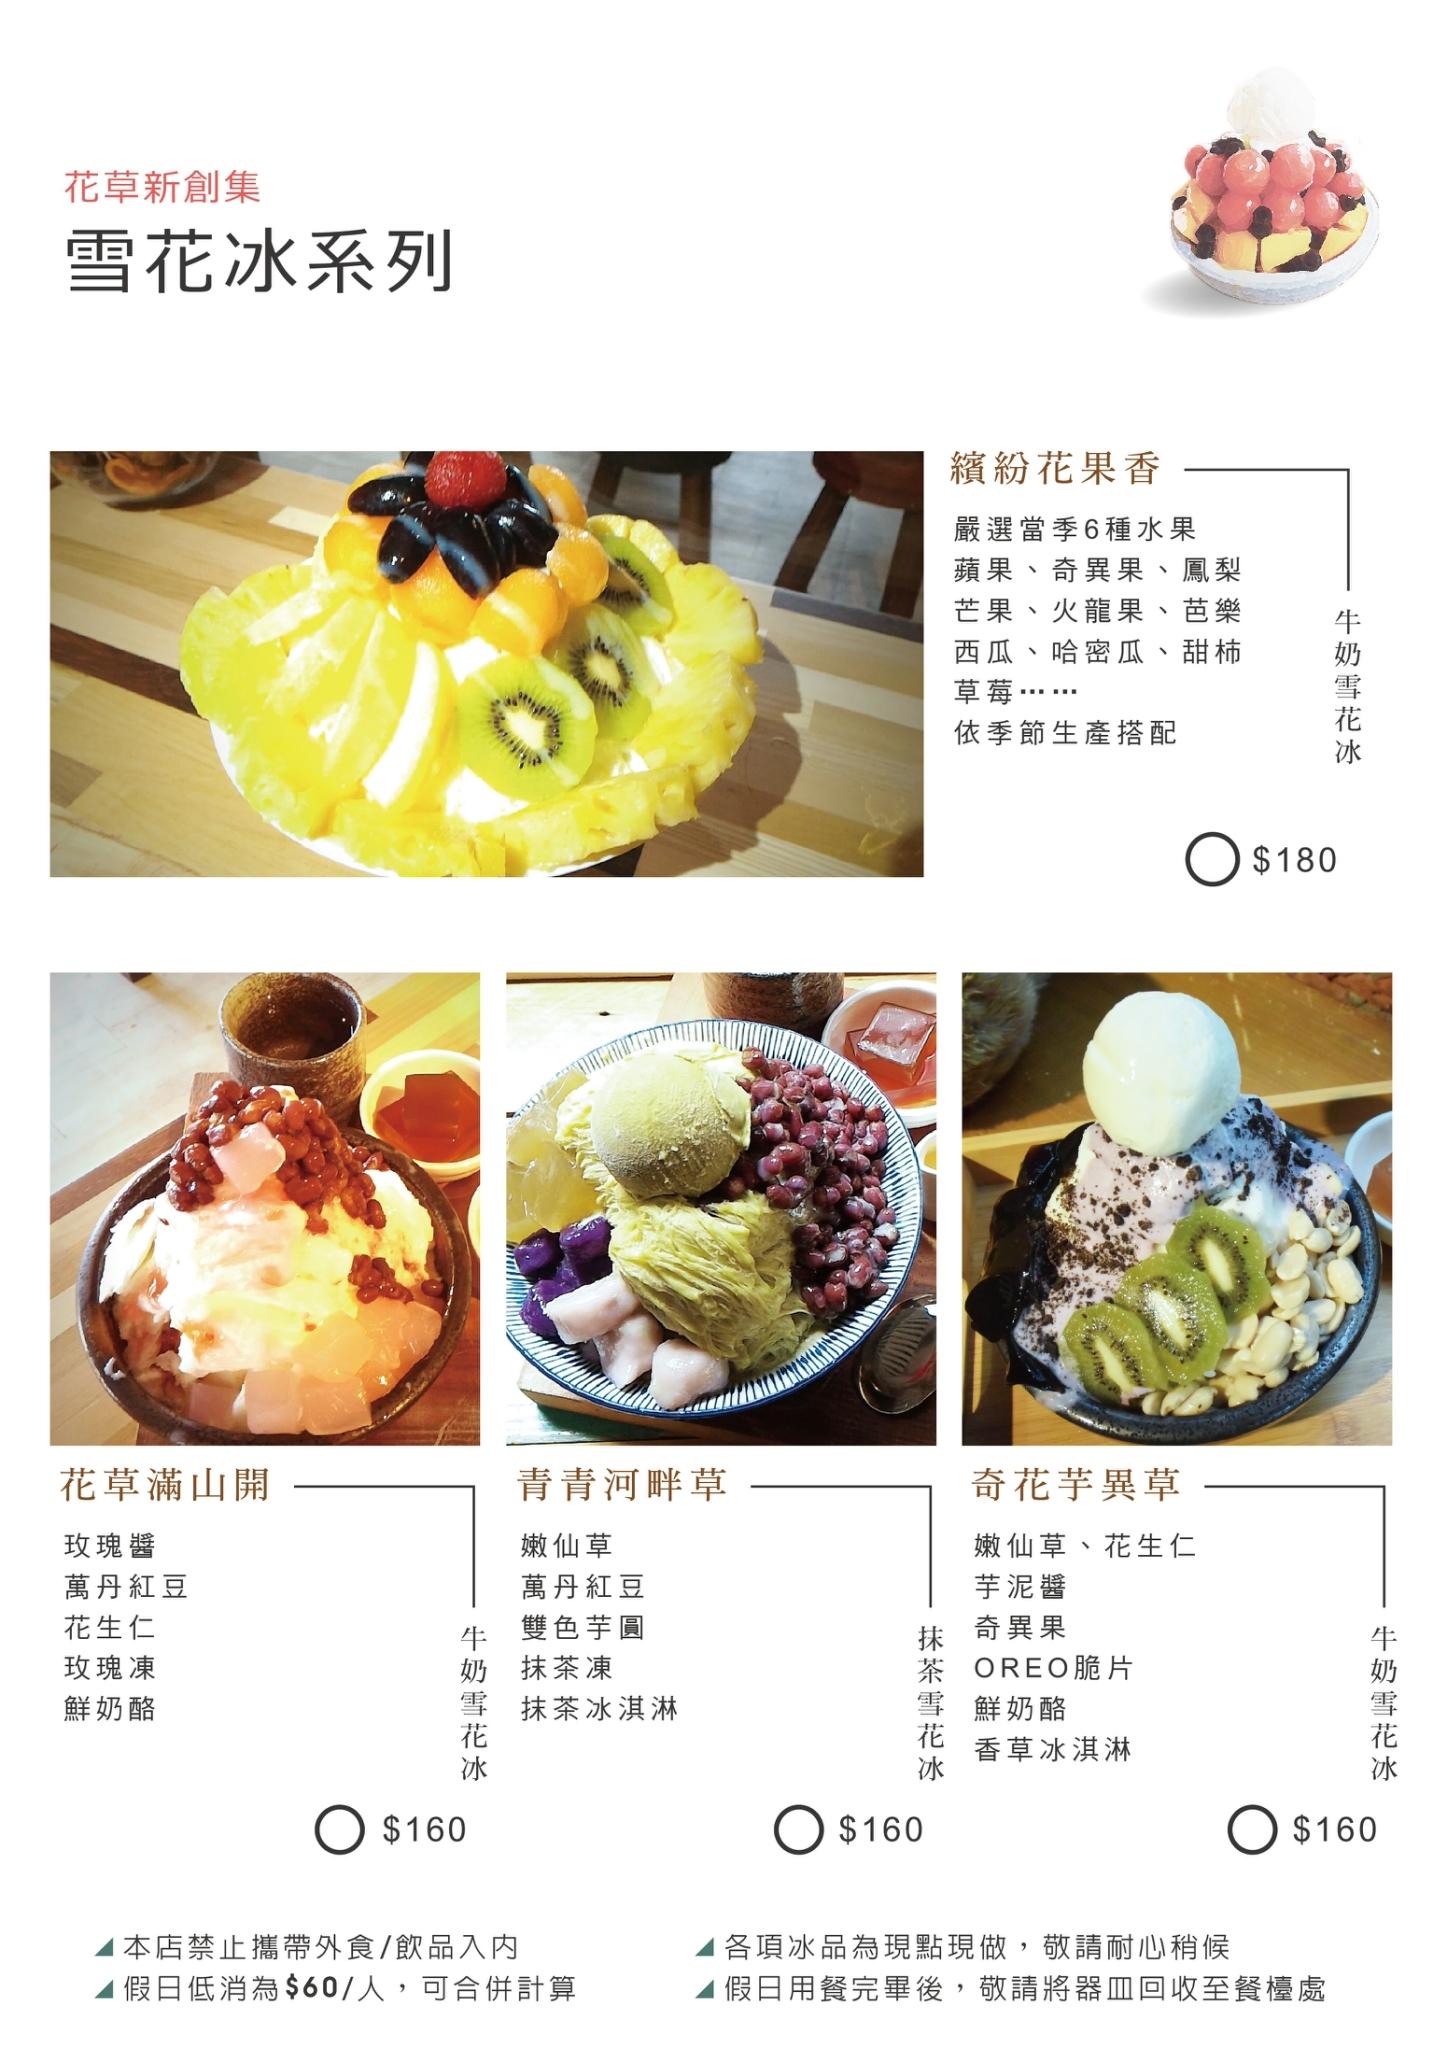 新南五五製冰所 菜單 台中大里冰店09